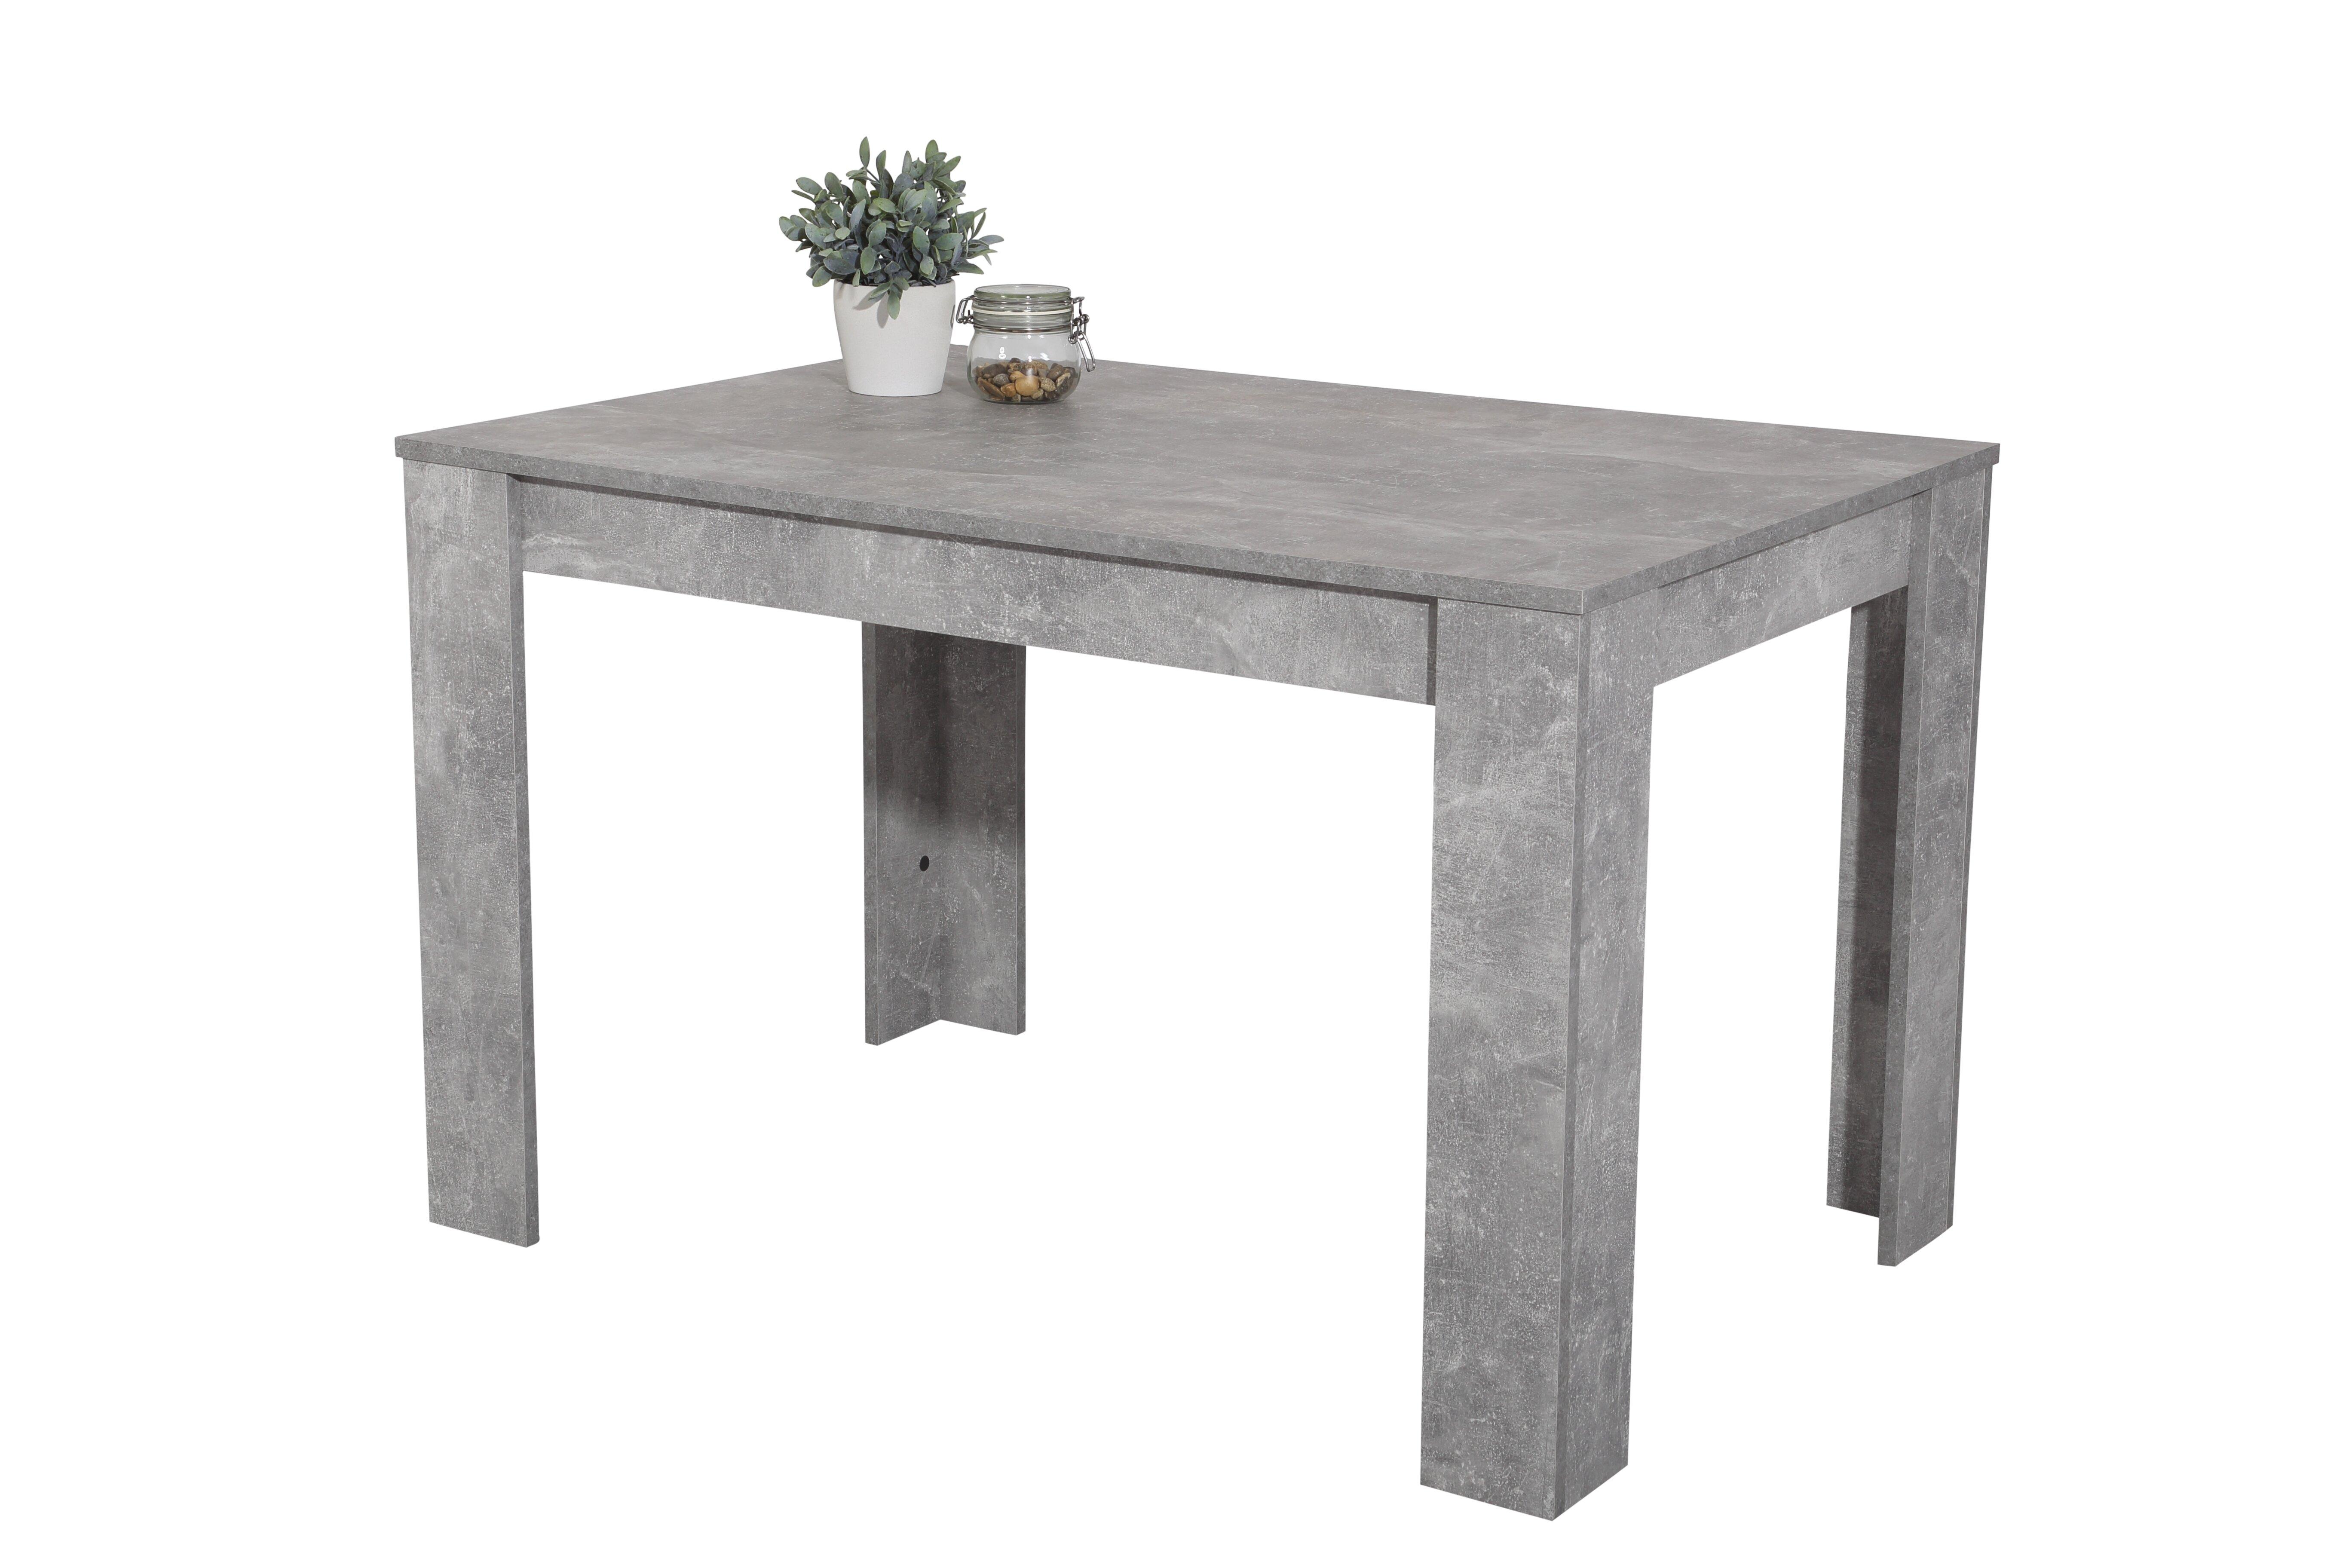 Hela Tische Esstisch Doris | Wayfair.de